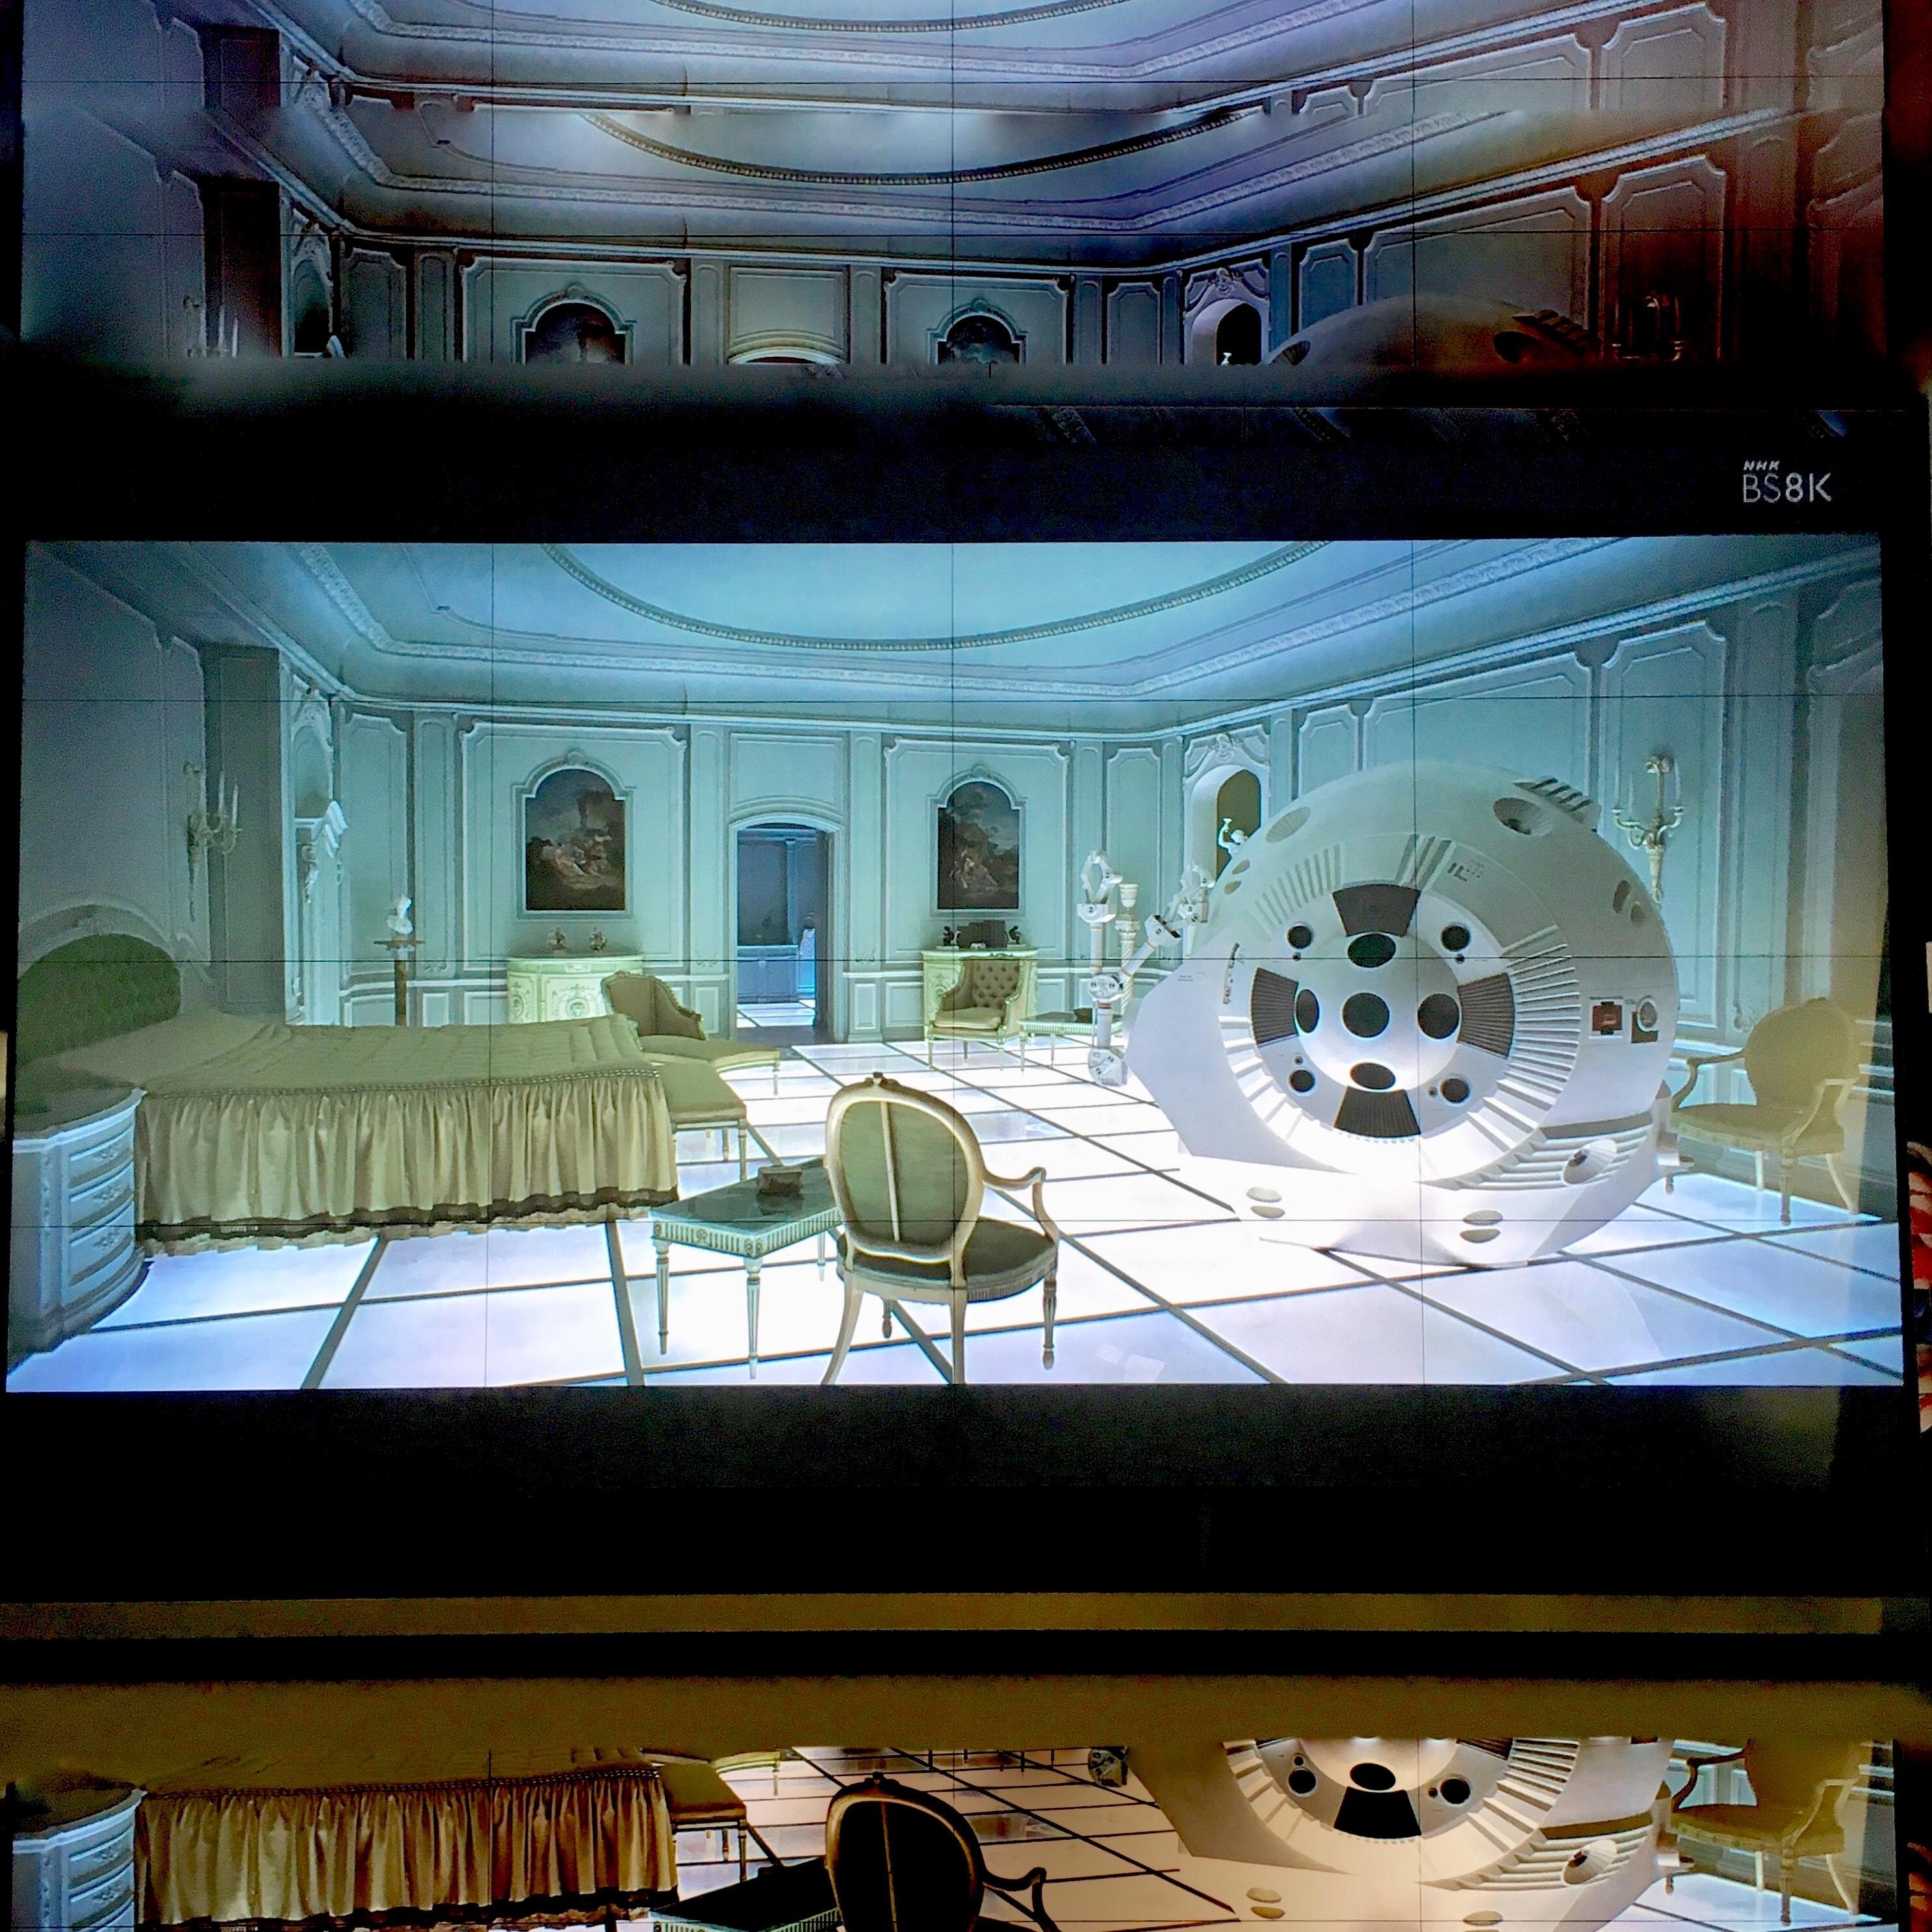 「2001年宇宙の旅」8K 宇宙初オンエアに大感謝(^^)